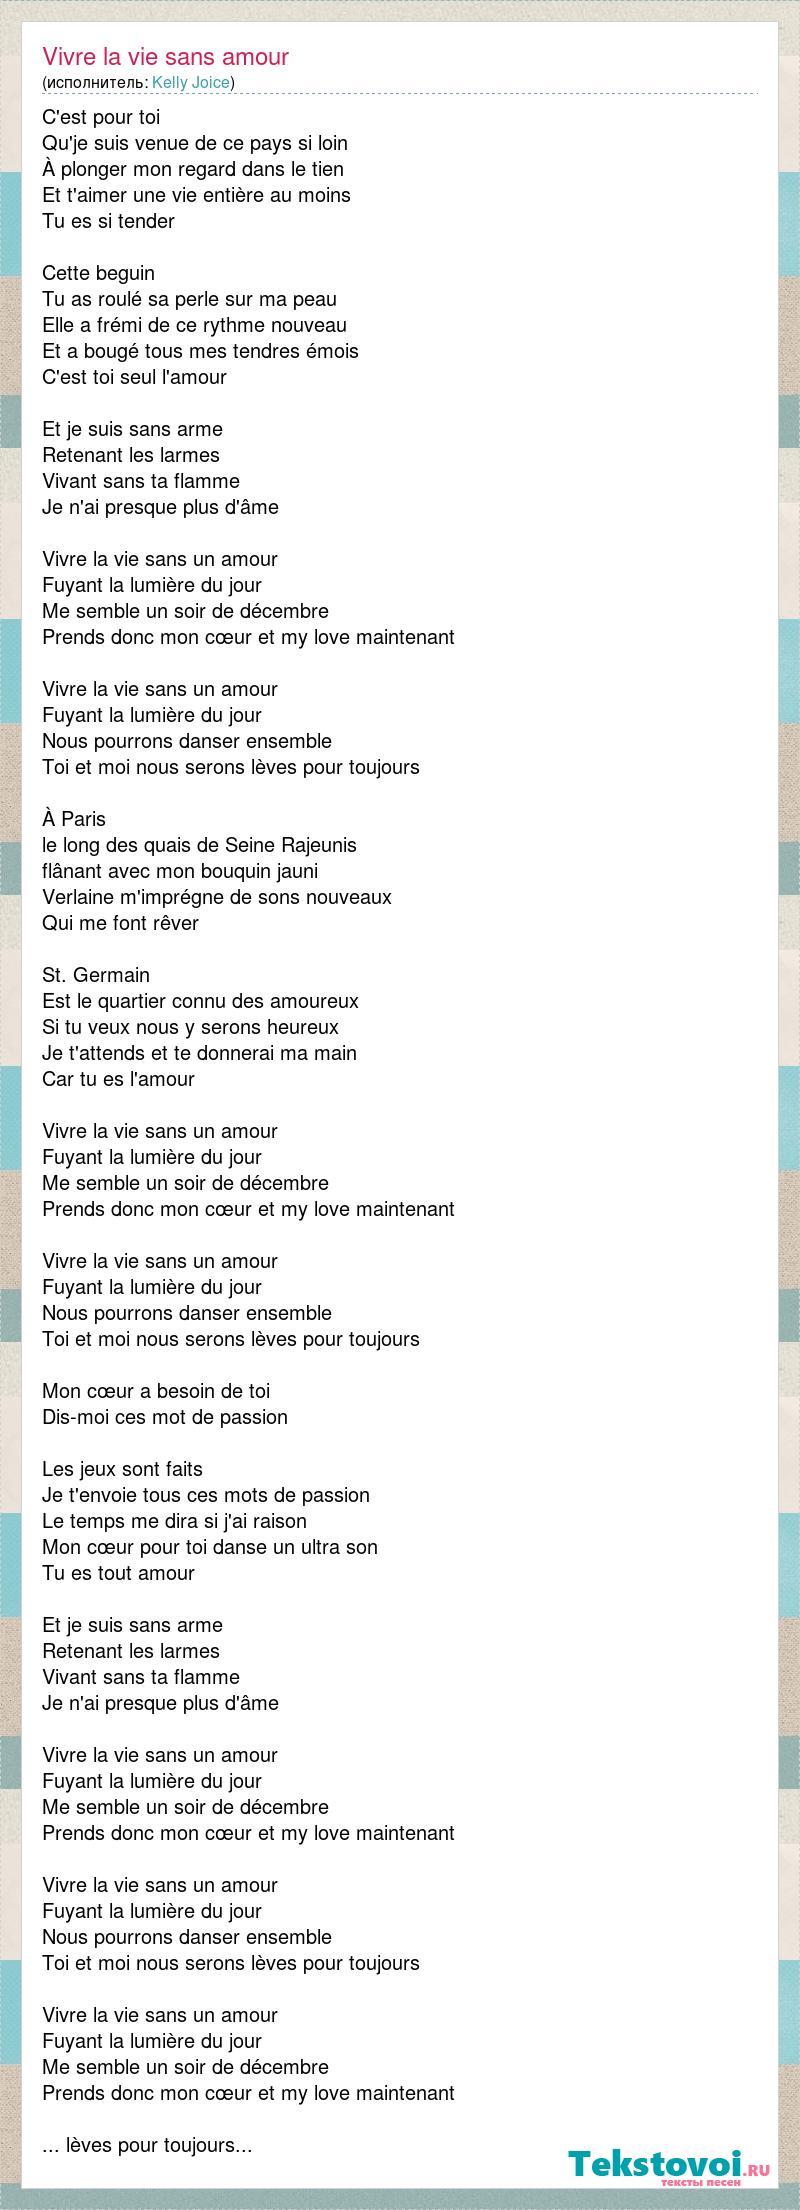 Kelly Joice Vivre La Vie Sans Amour слова песни